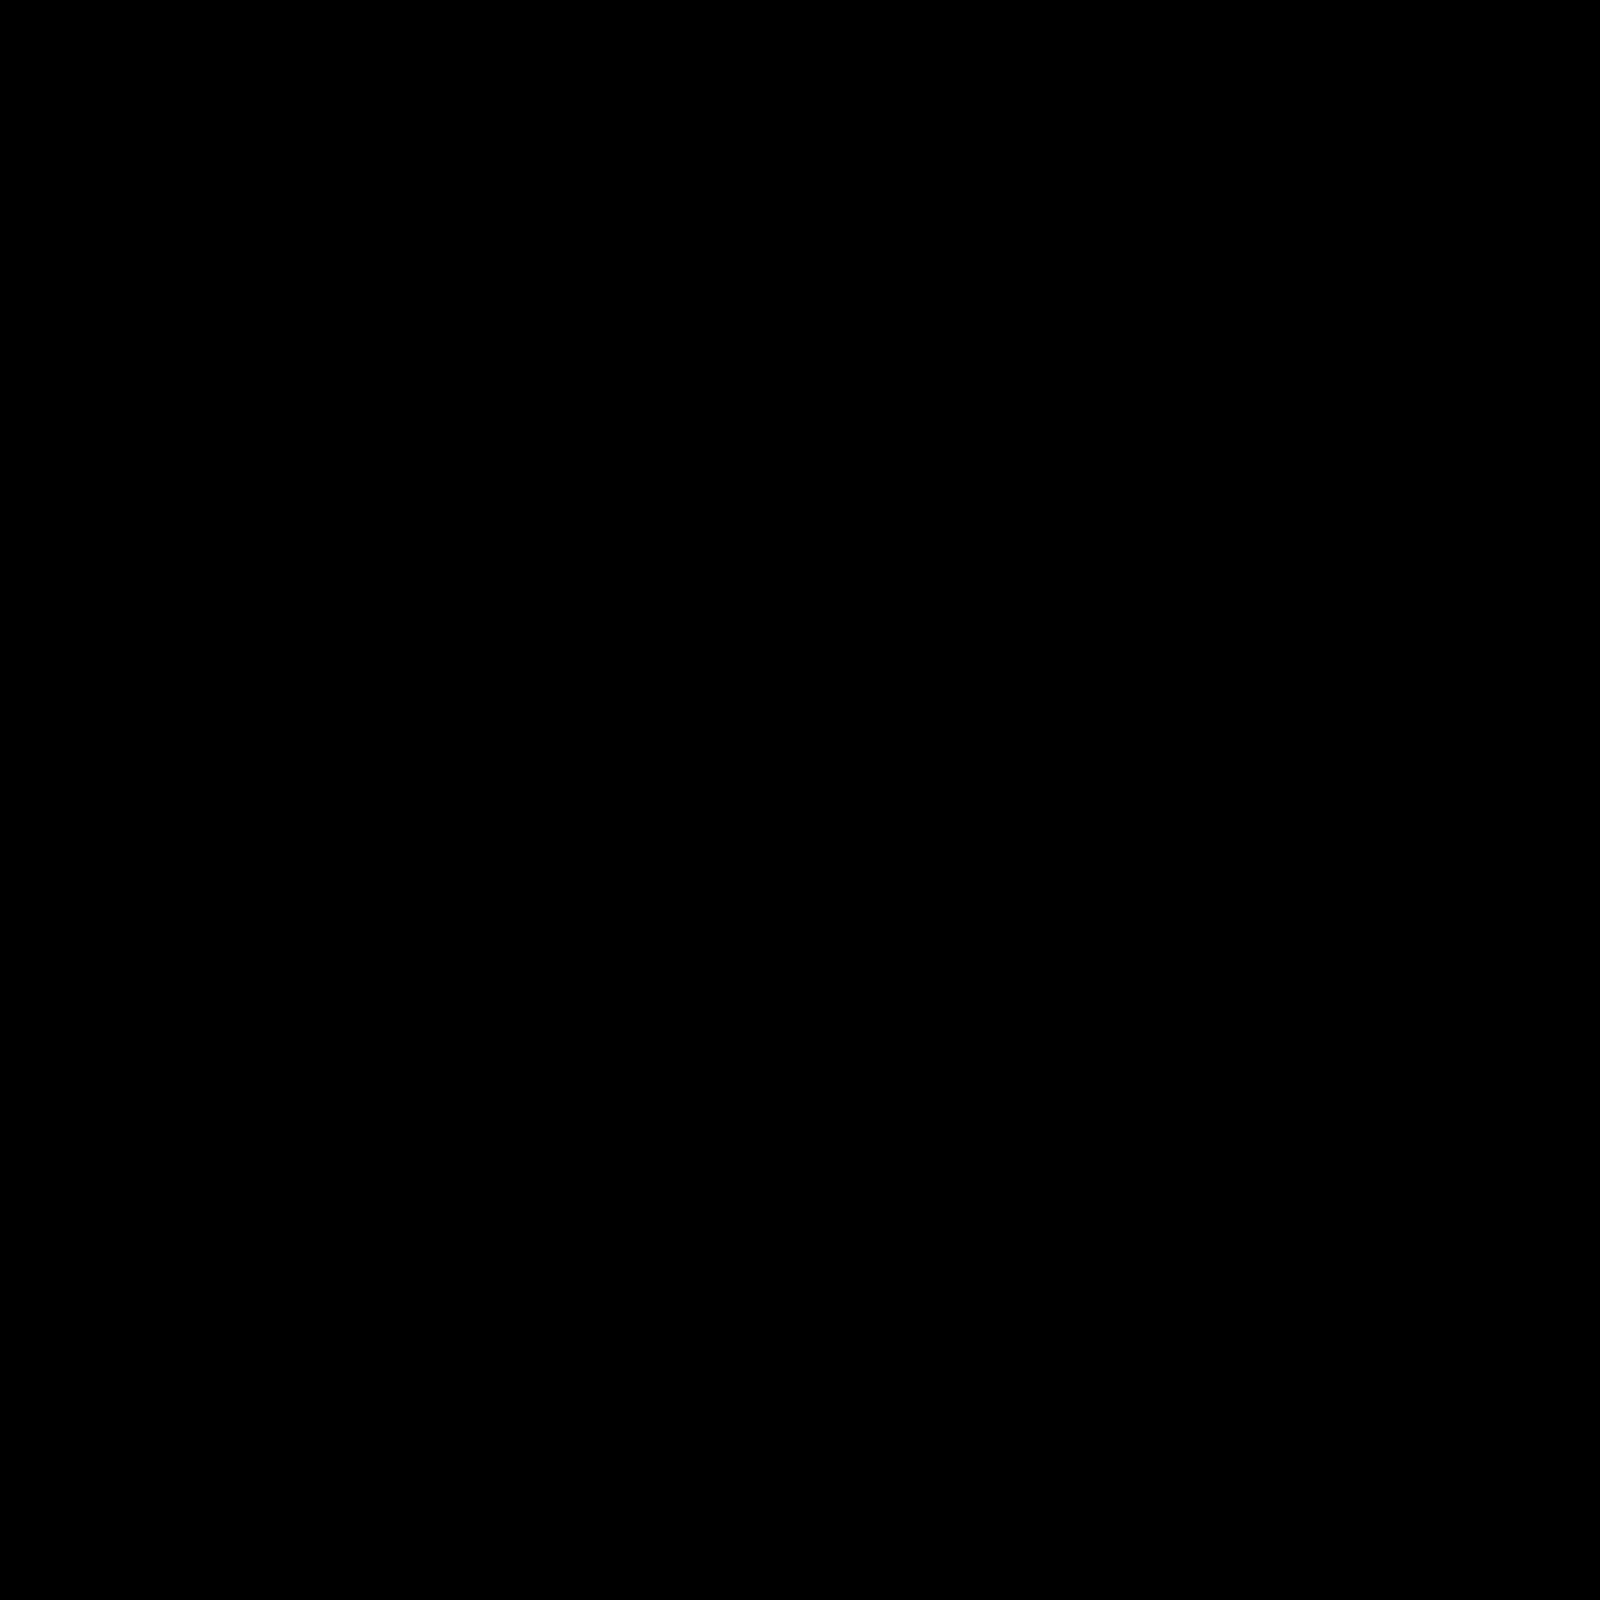 Dłoń w lewo icon